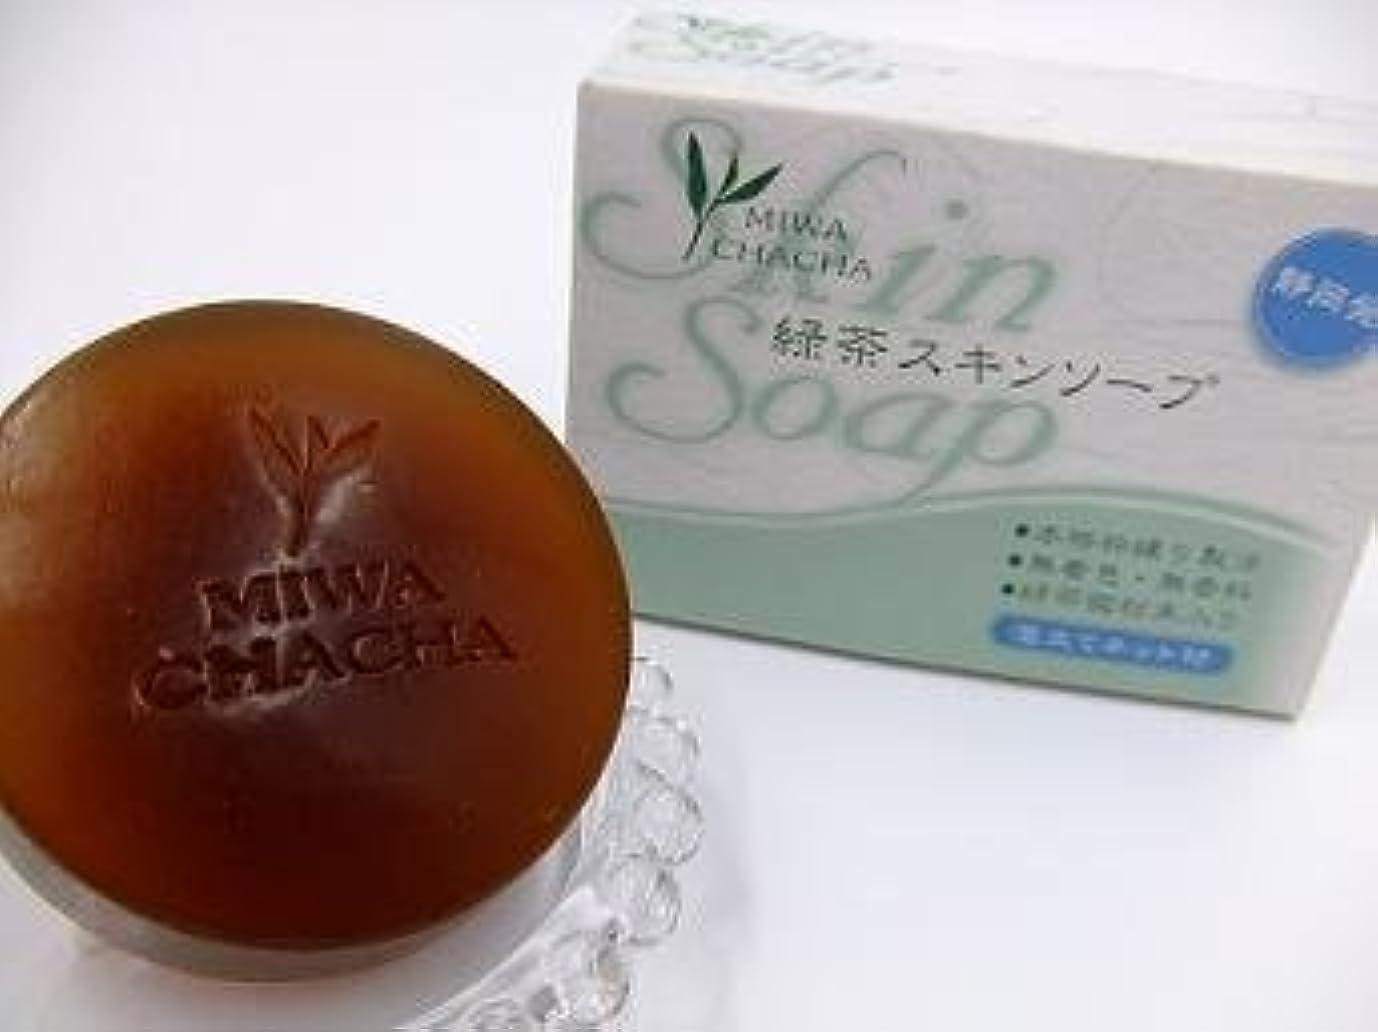 バスケットボールロマンチック価値緑茶スキンソープ(2個セット)